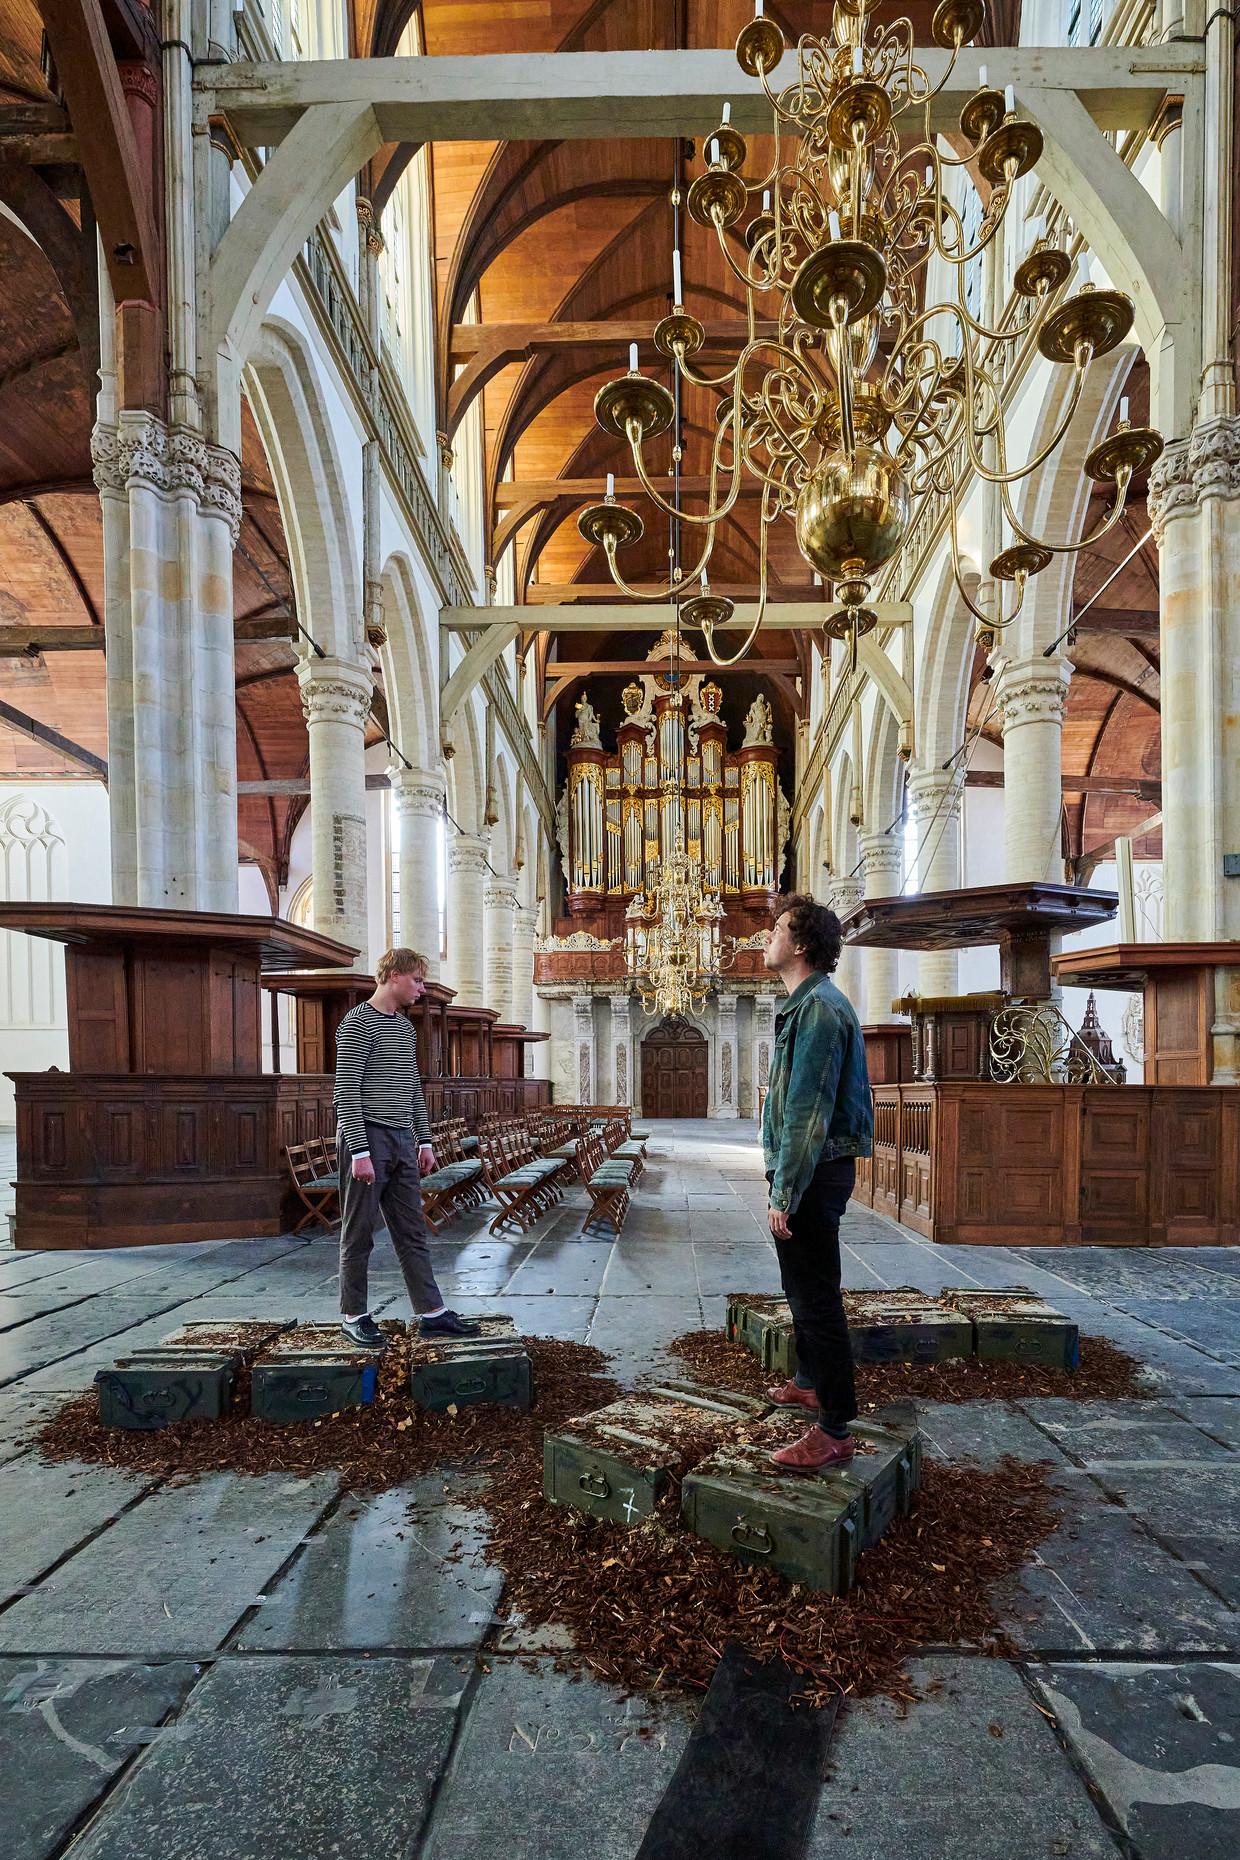 Het enige tastbare onderdeel  van de expositie bestaat uit een stel houten munitiekisten waarin luidsprekers zitten. Beeld Jan-Kees Steenman